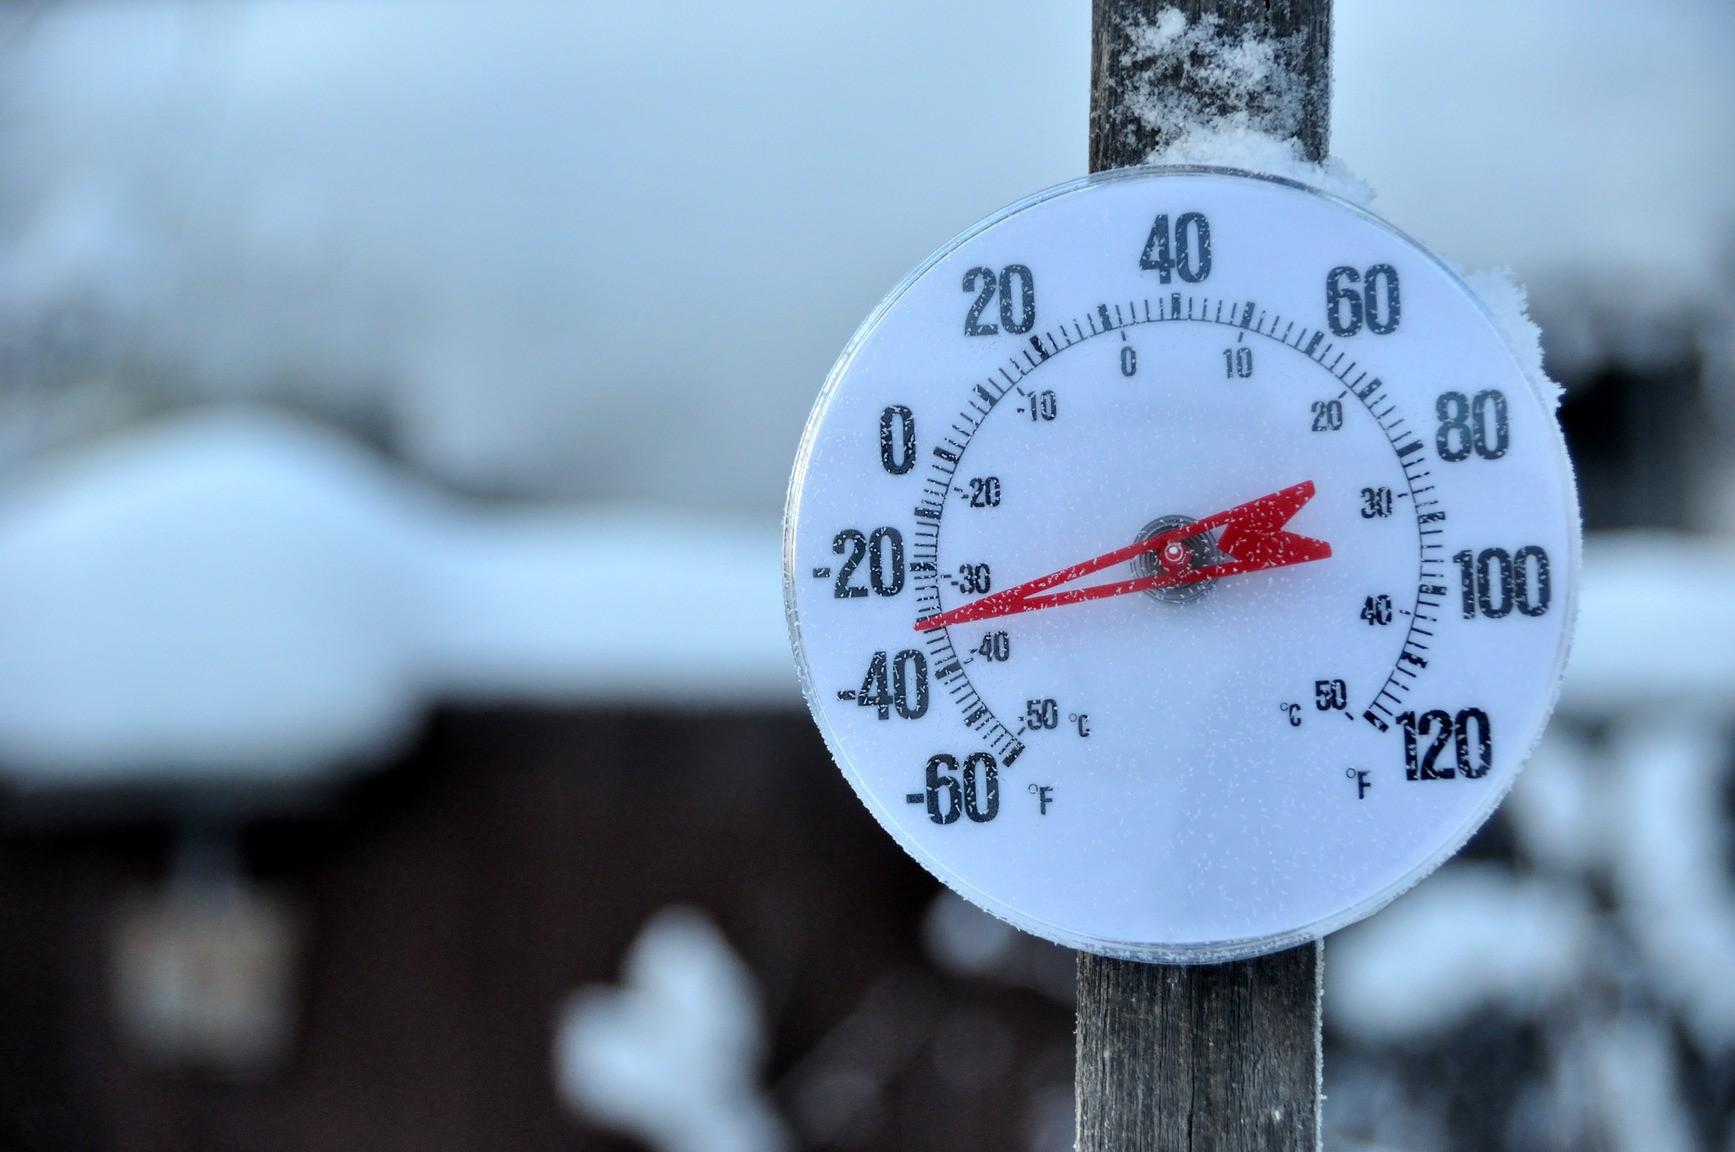 Руководитель Гидрометцентра предупредил граждан России о40-градусных морозах